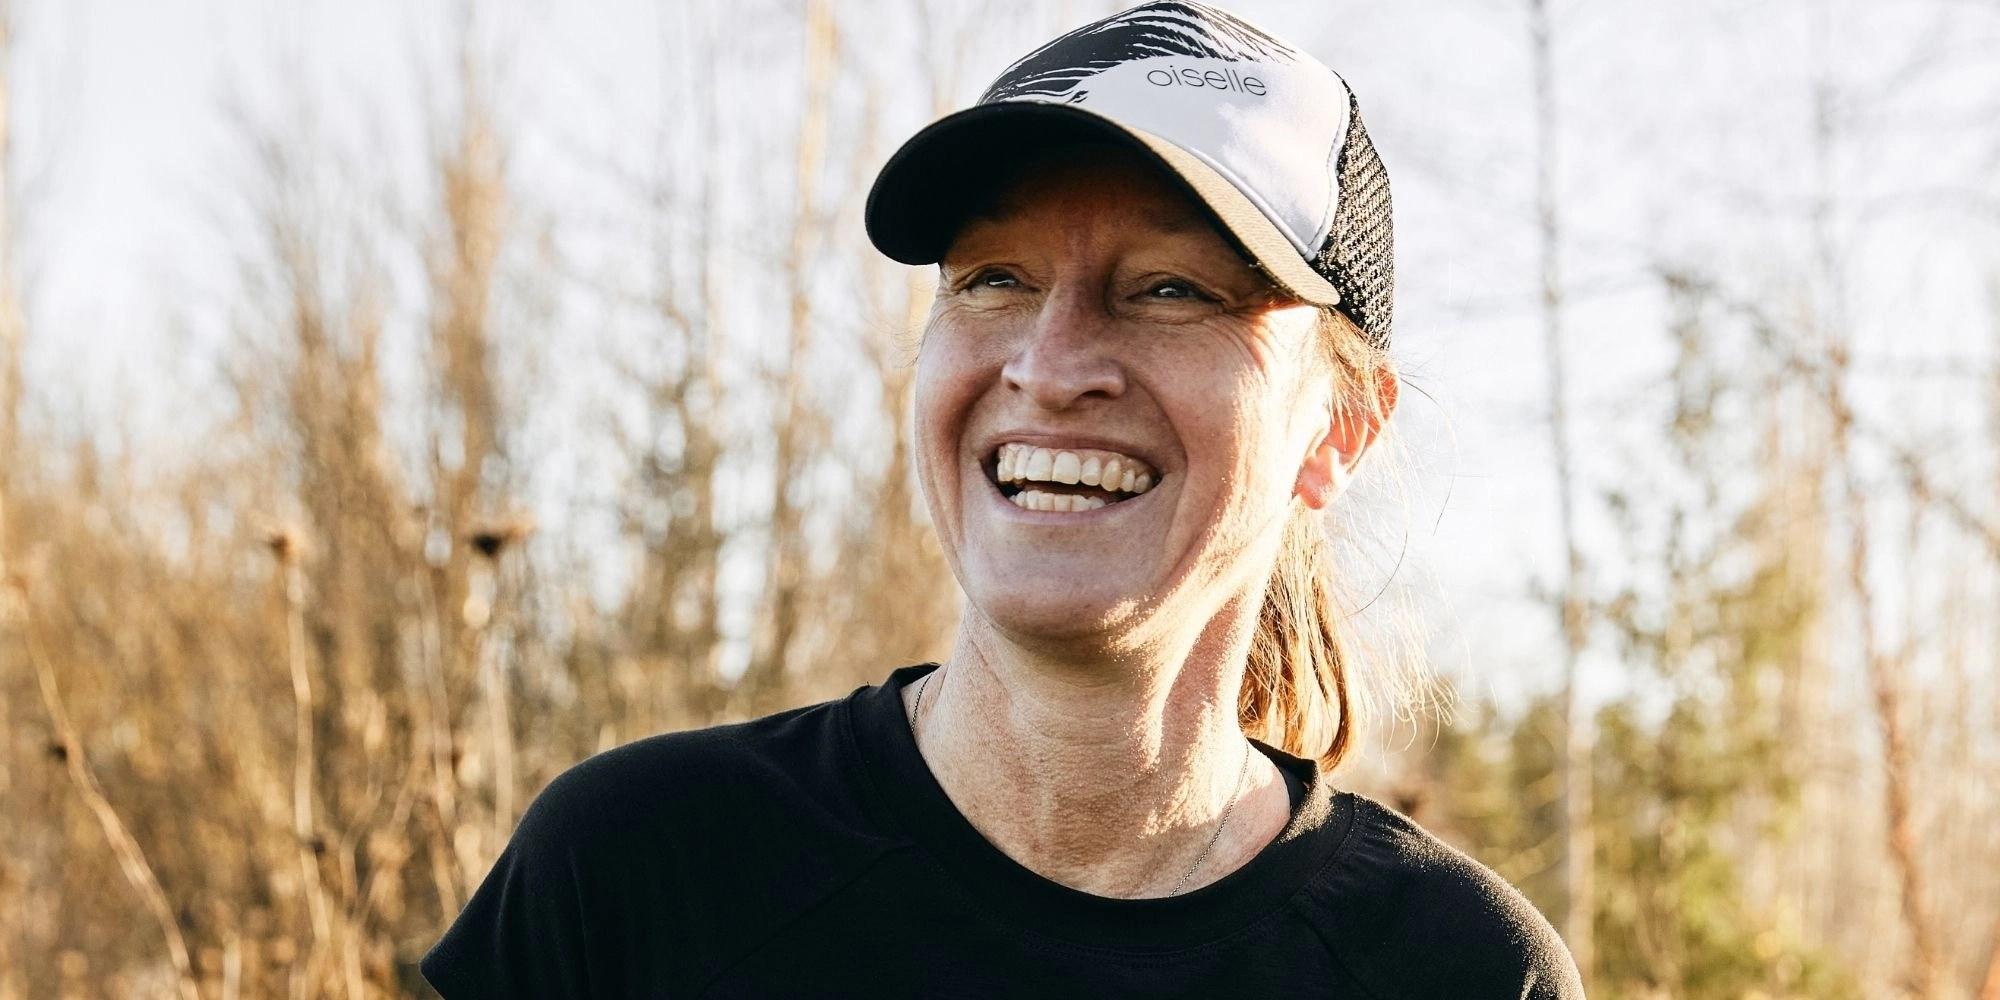 Sarah Lesko, Oiselle